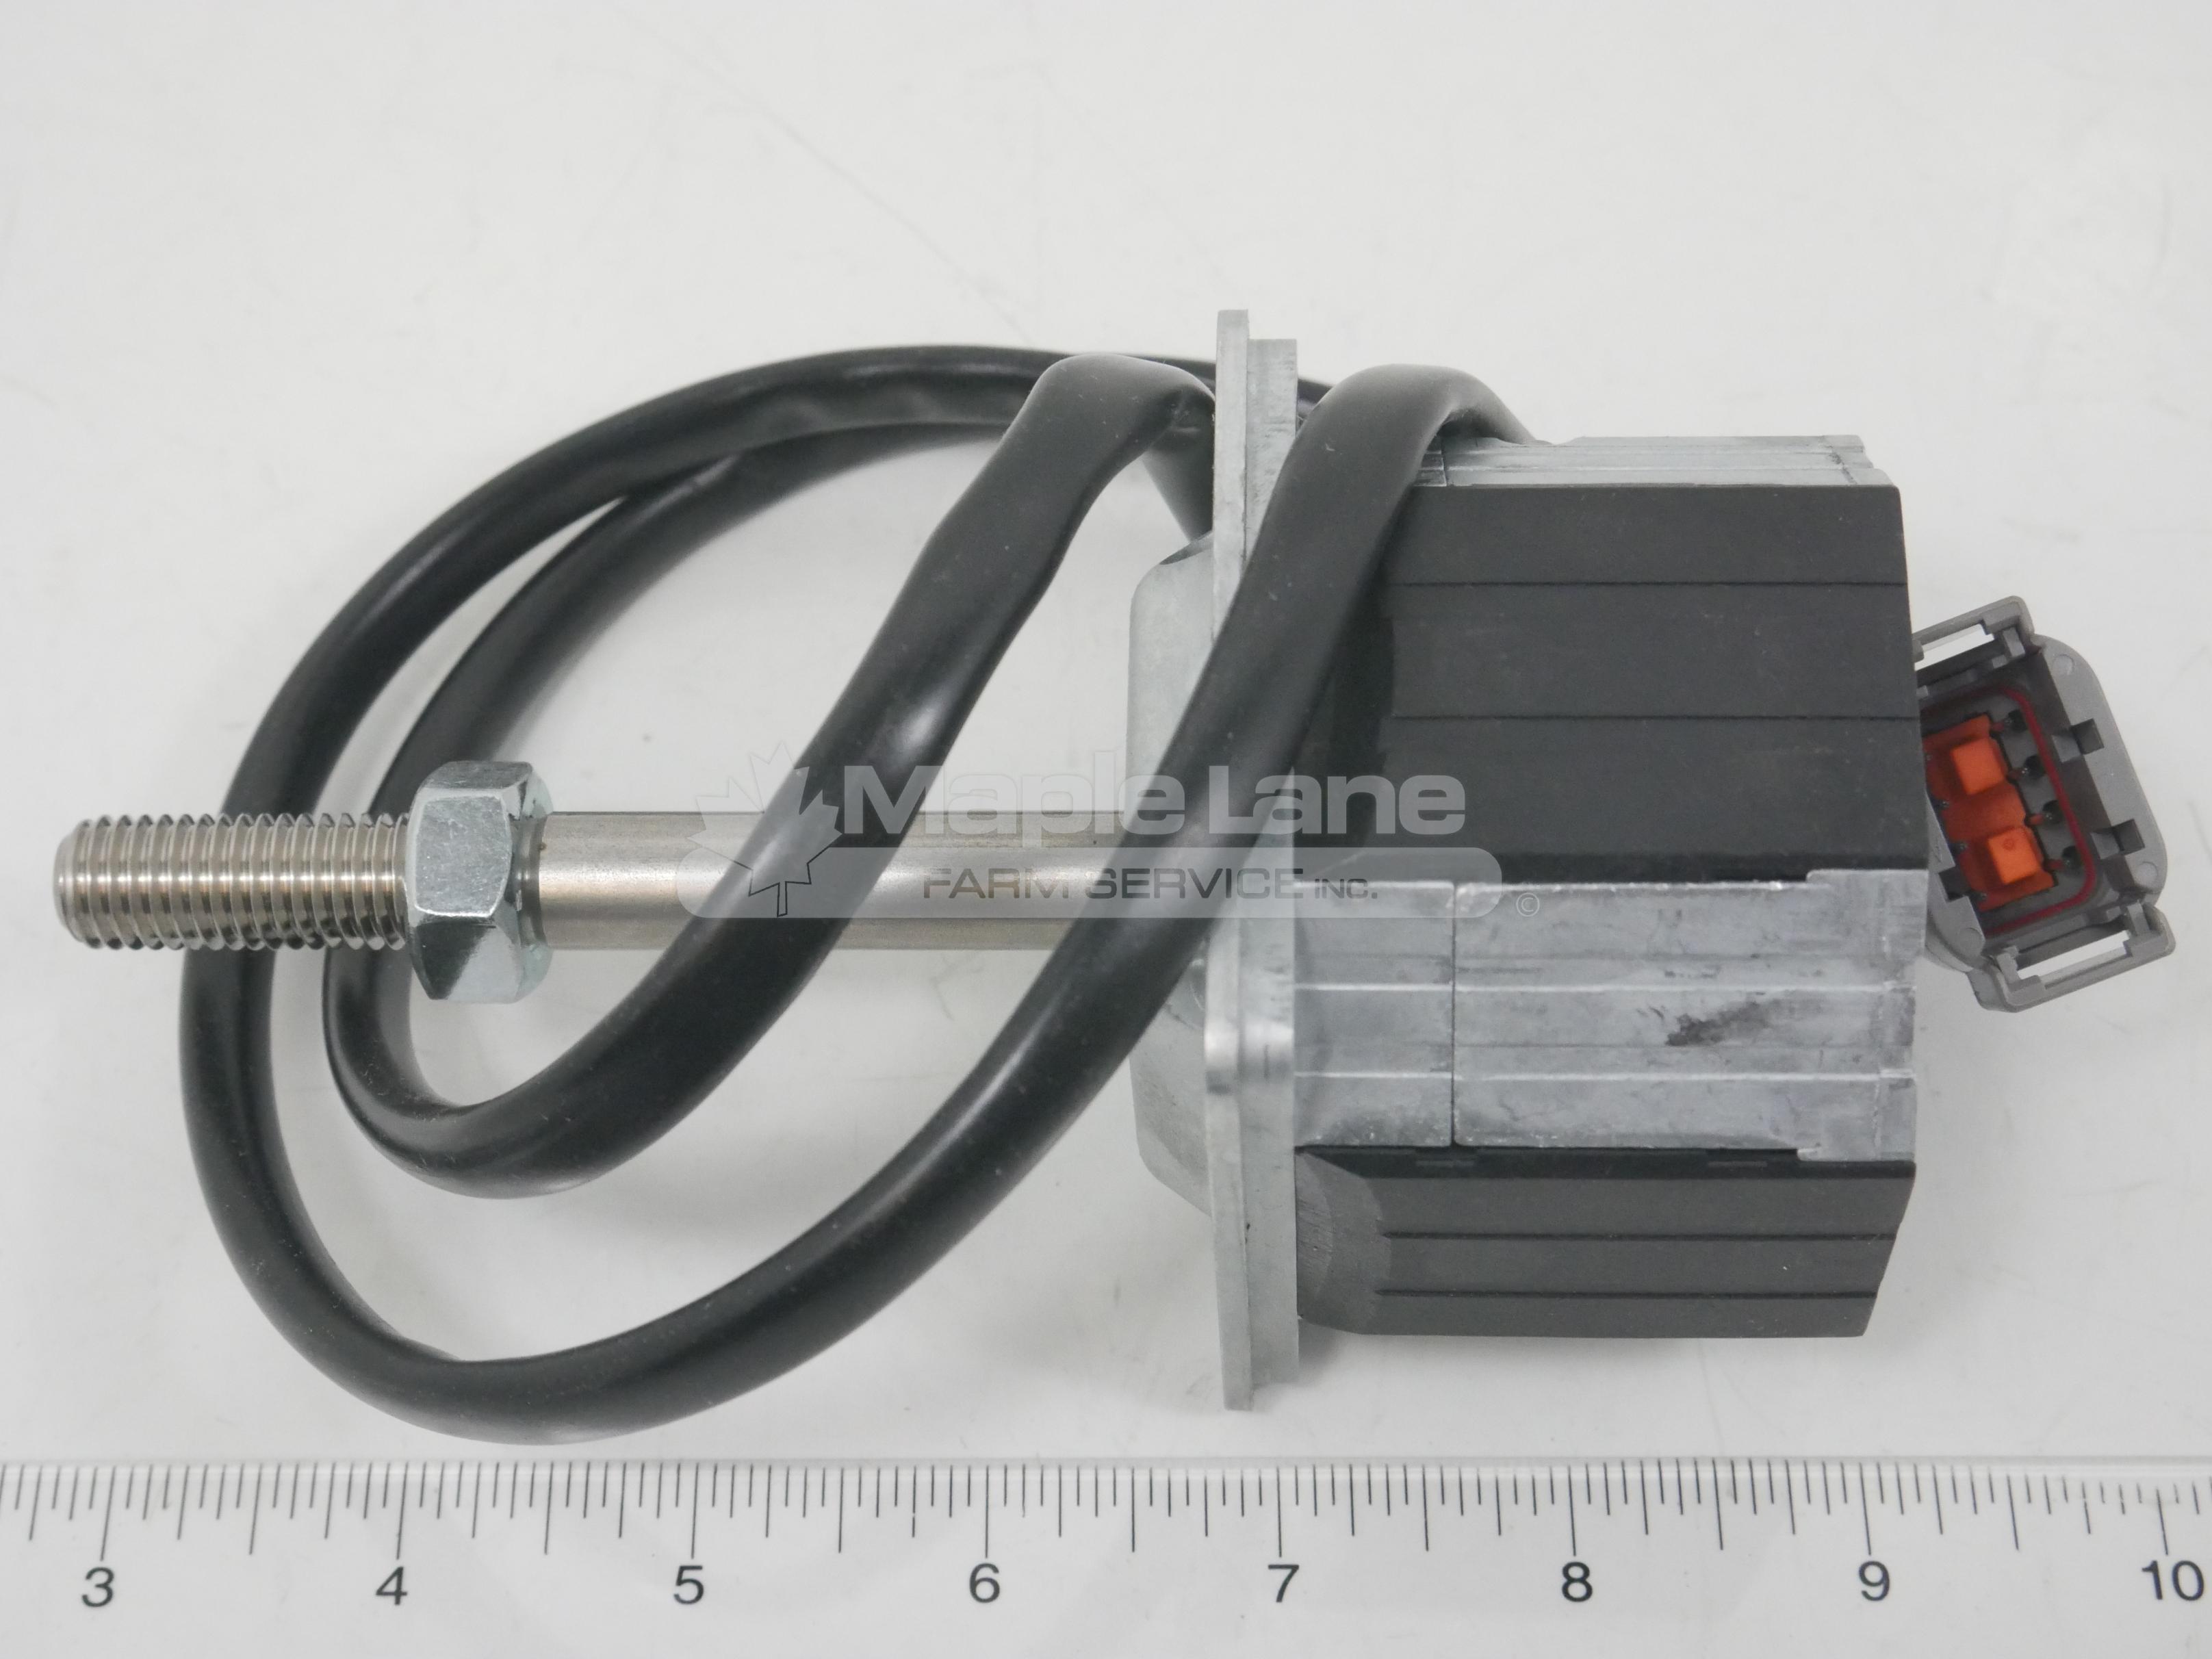 J264199 Manipulator